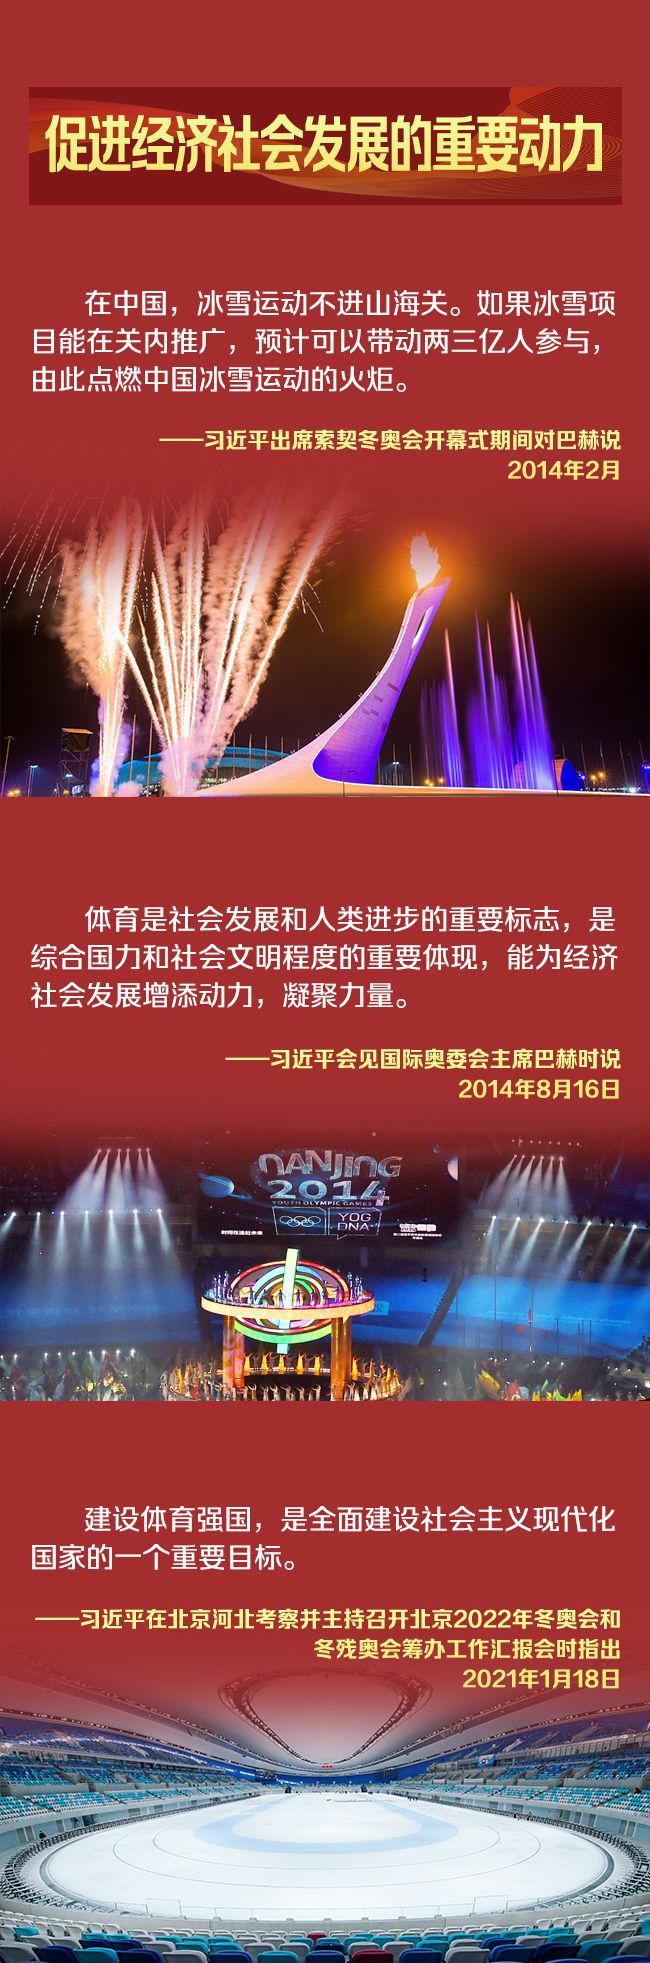 助赢软件app下载官网_长图丨新时代体育的新内涵,习近平这样说